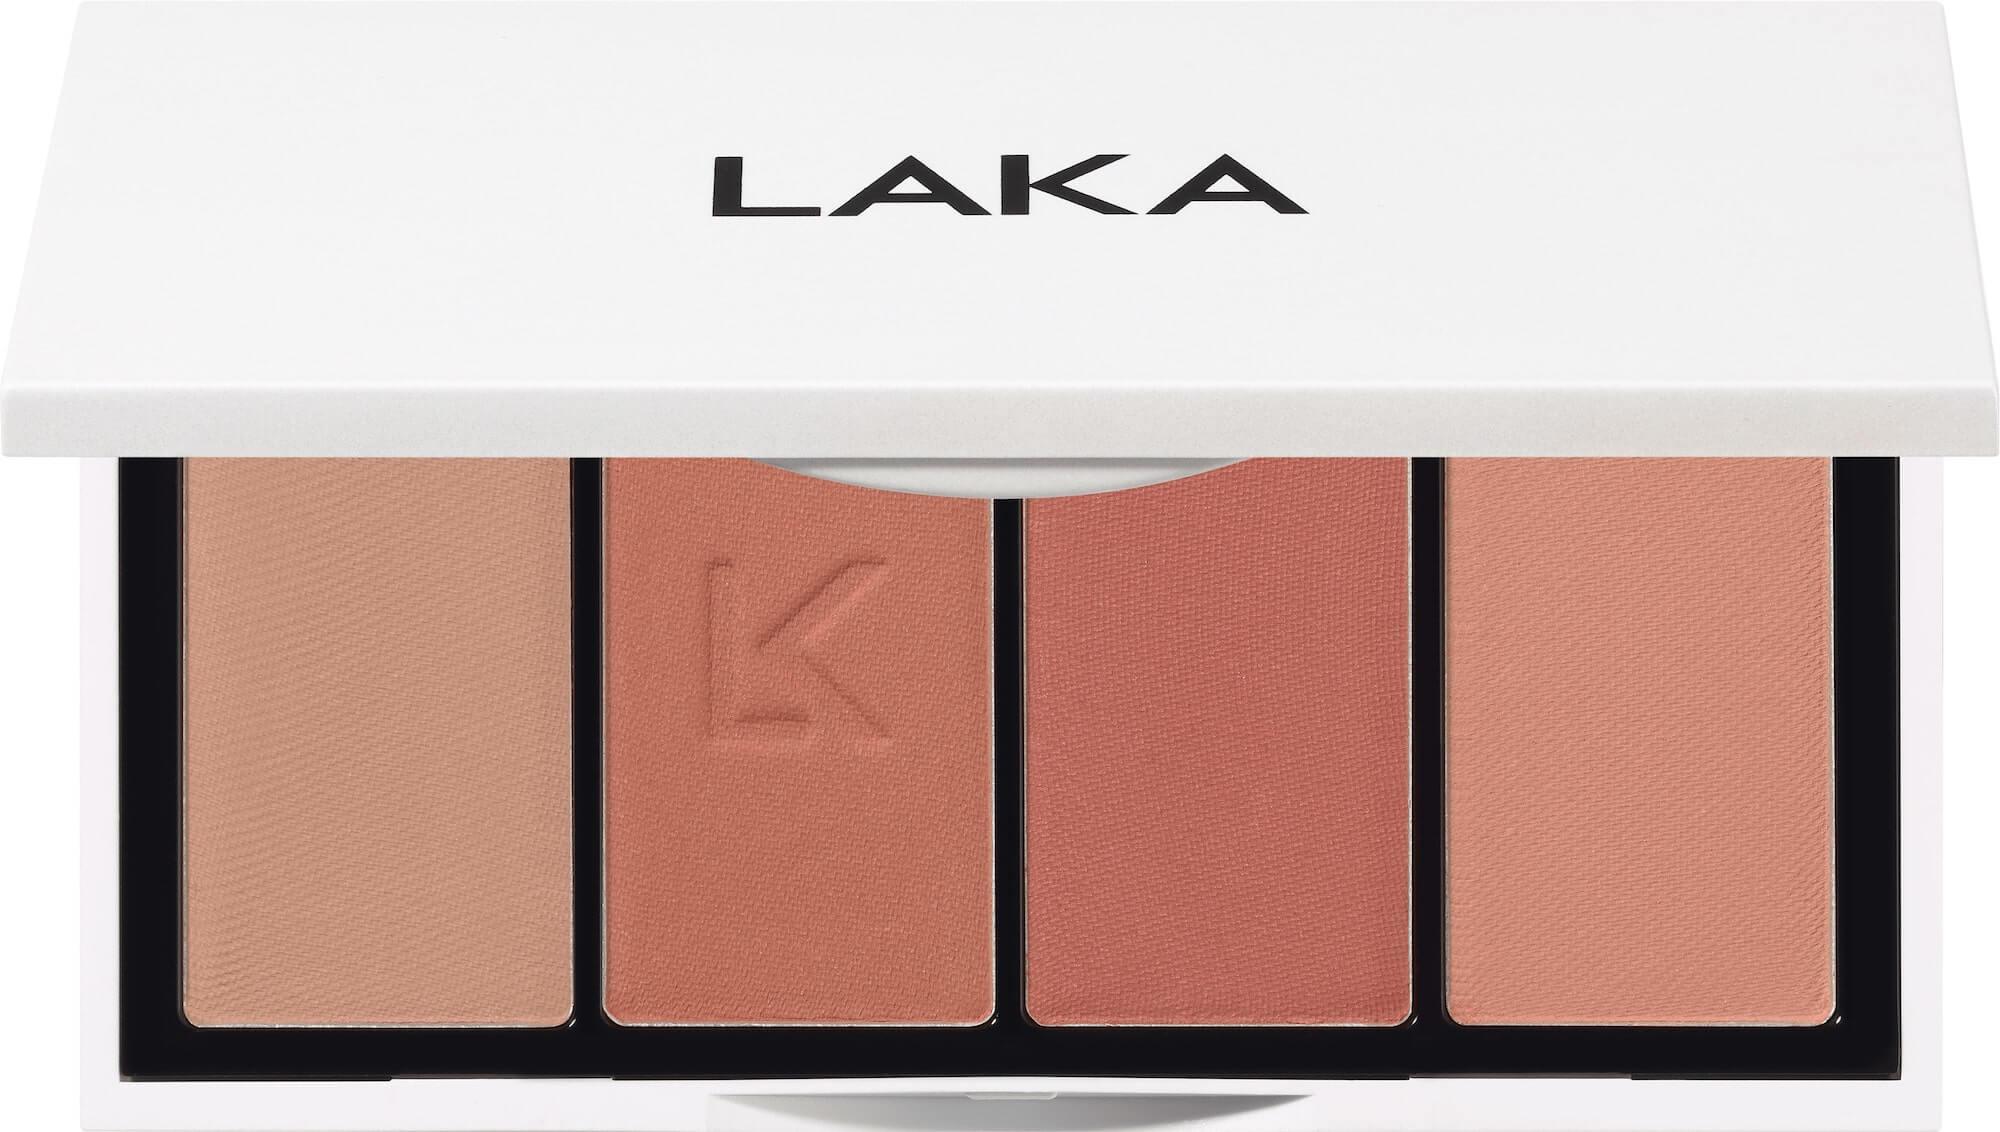 最新韓国コスメ「LAKA(ラカ)」のジャストアイパレットの05.LOTUS/¥2,600(税抜き)